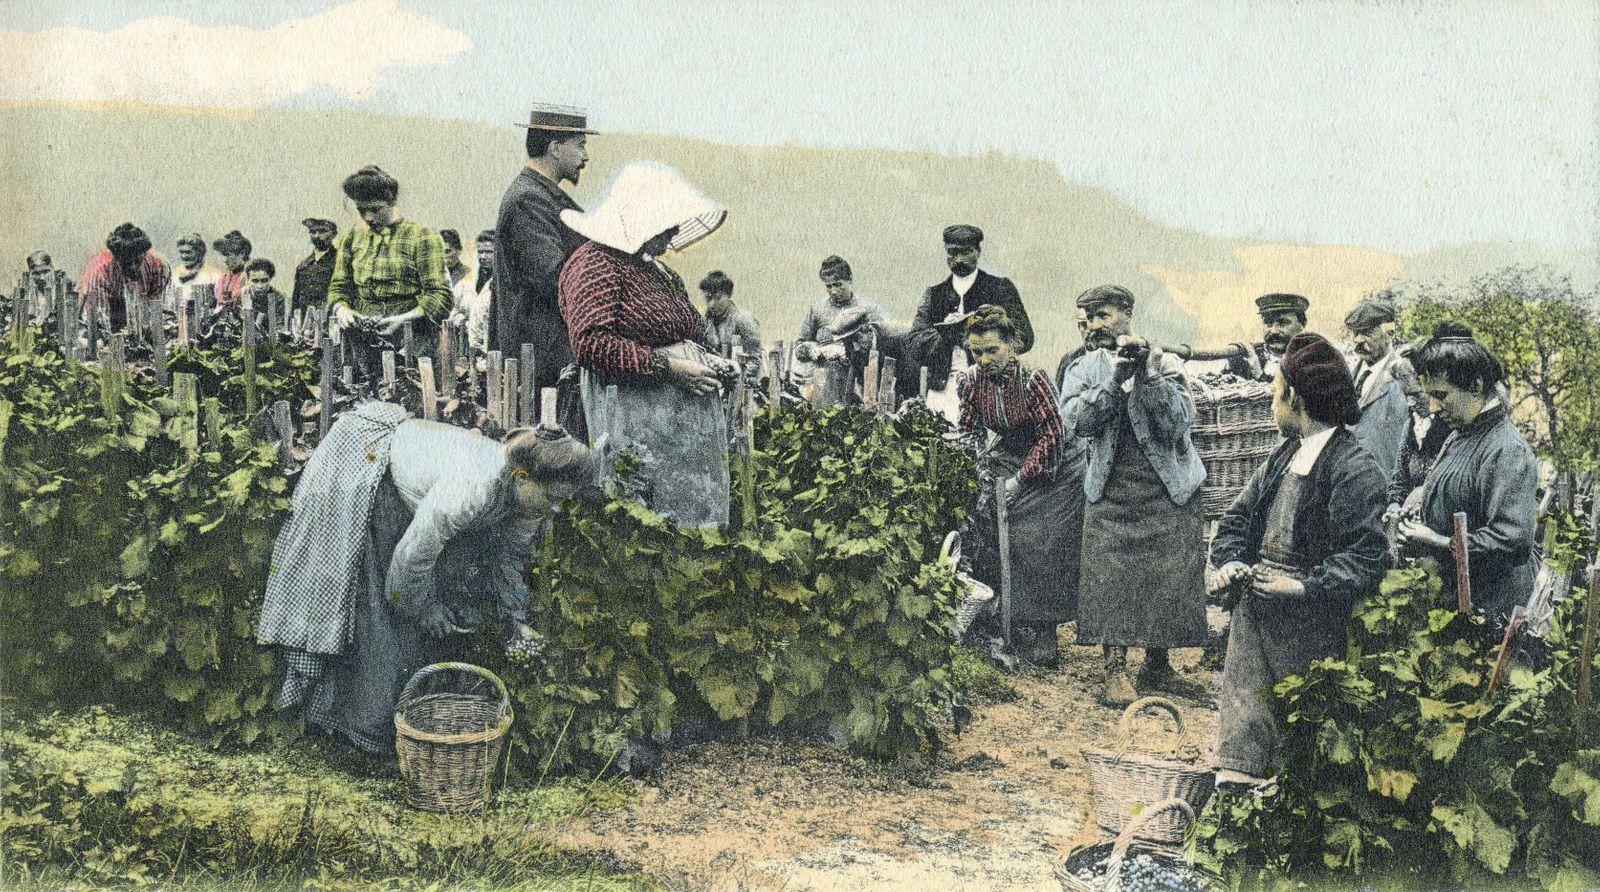 VENDANGES Les vendanges en Champagne : la cueillette . Photographie anonyme pour une carte postale vers 1910. Credit : C